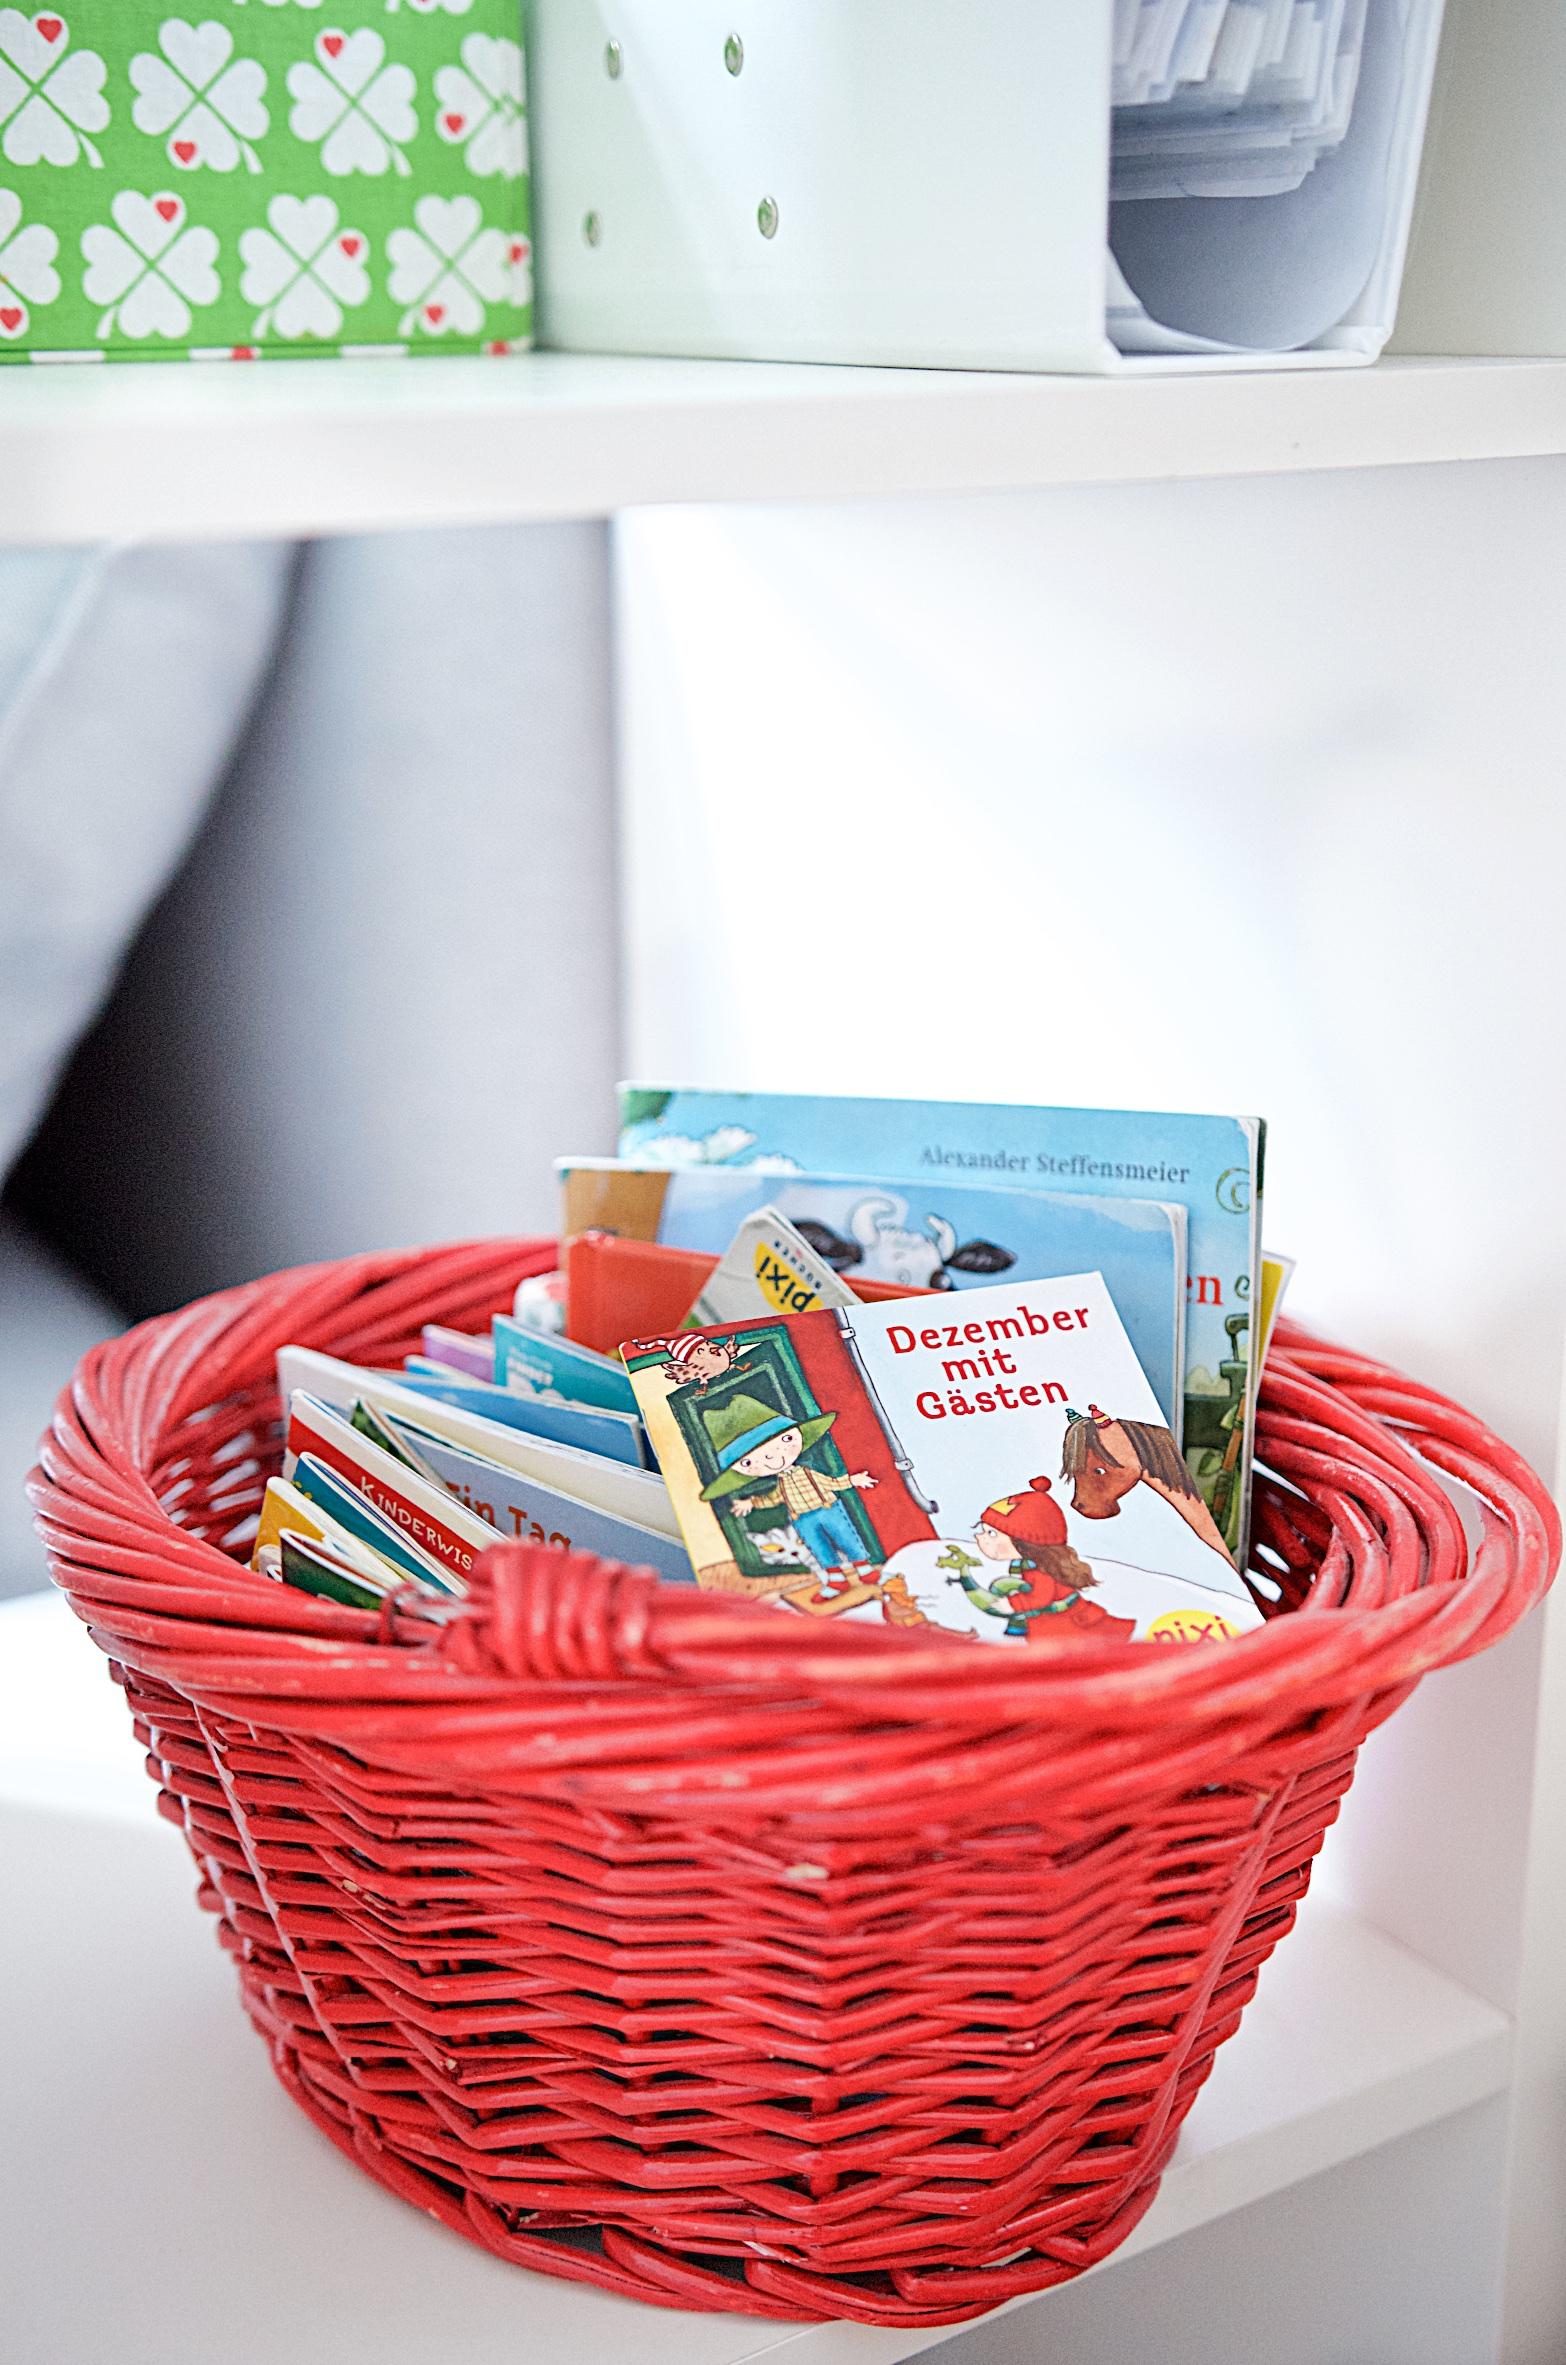 Korb mit Pixiebüchern im Bücherregal